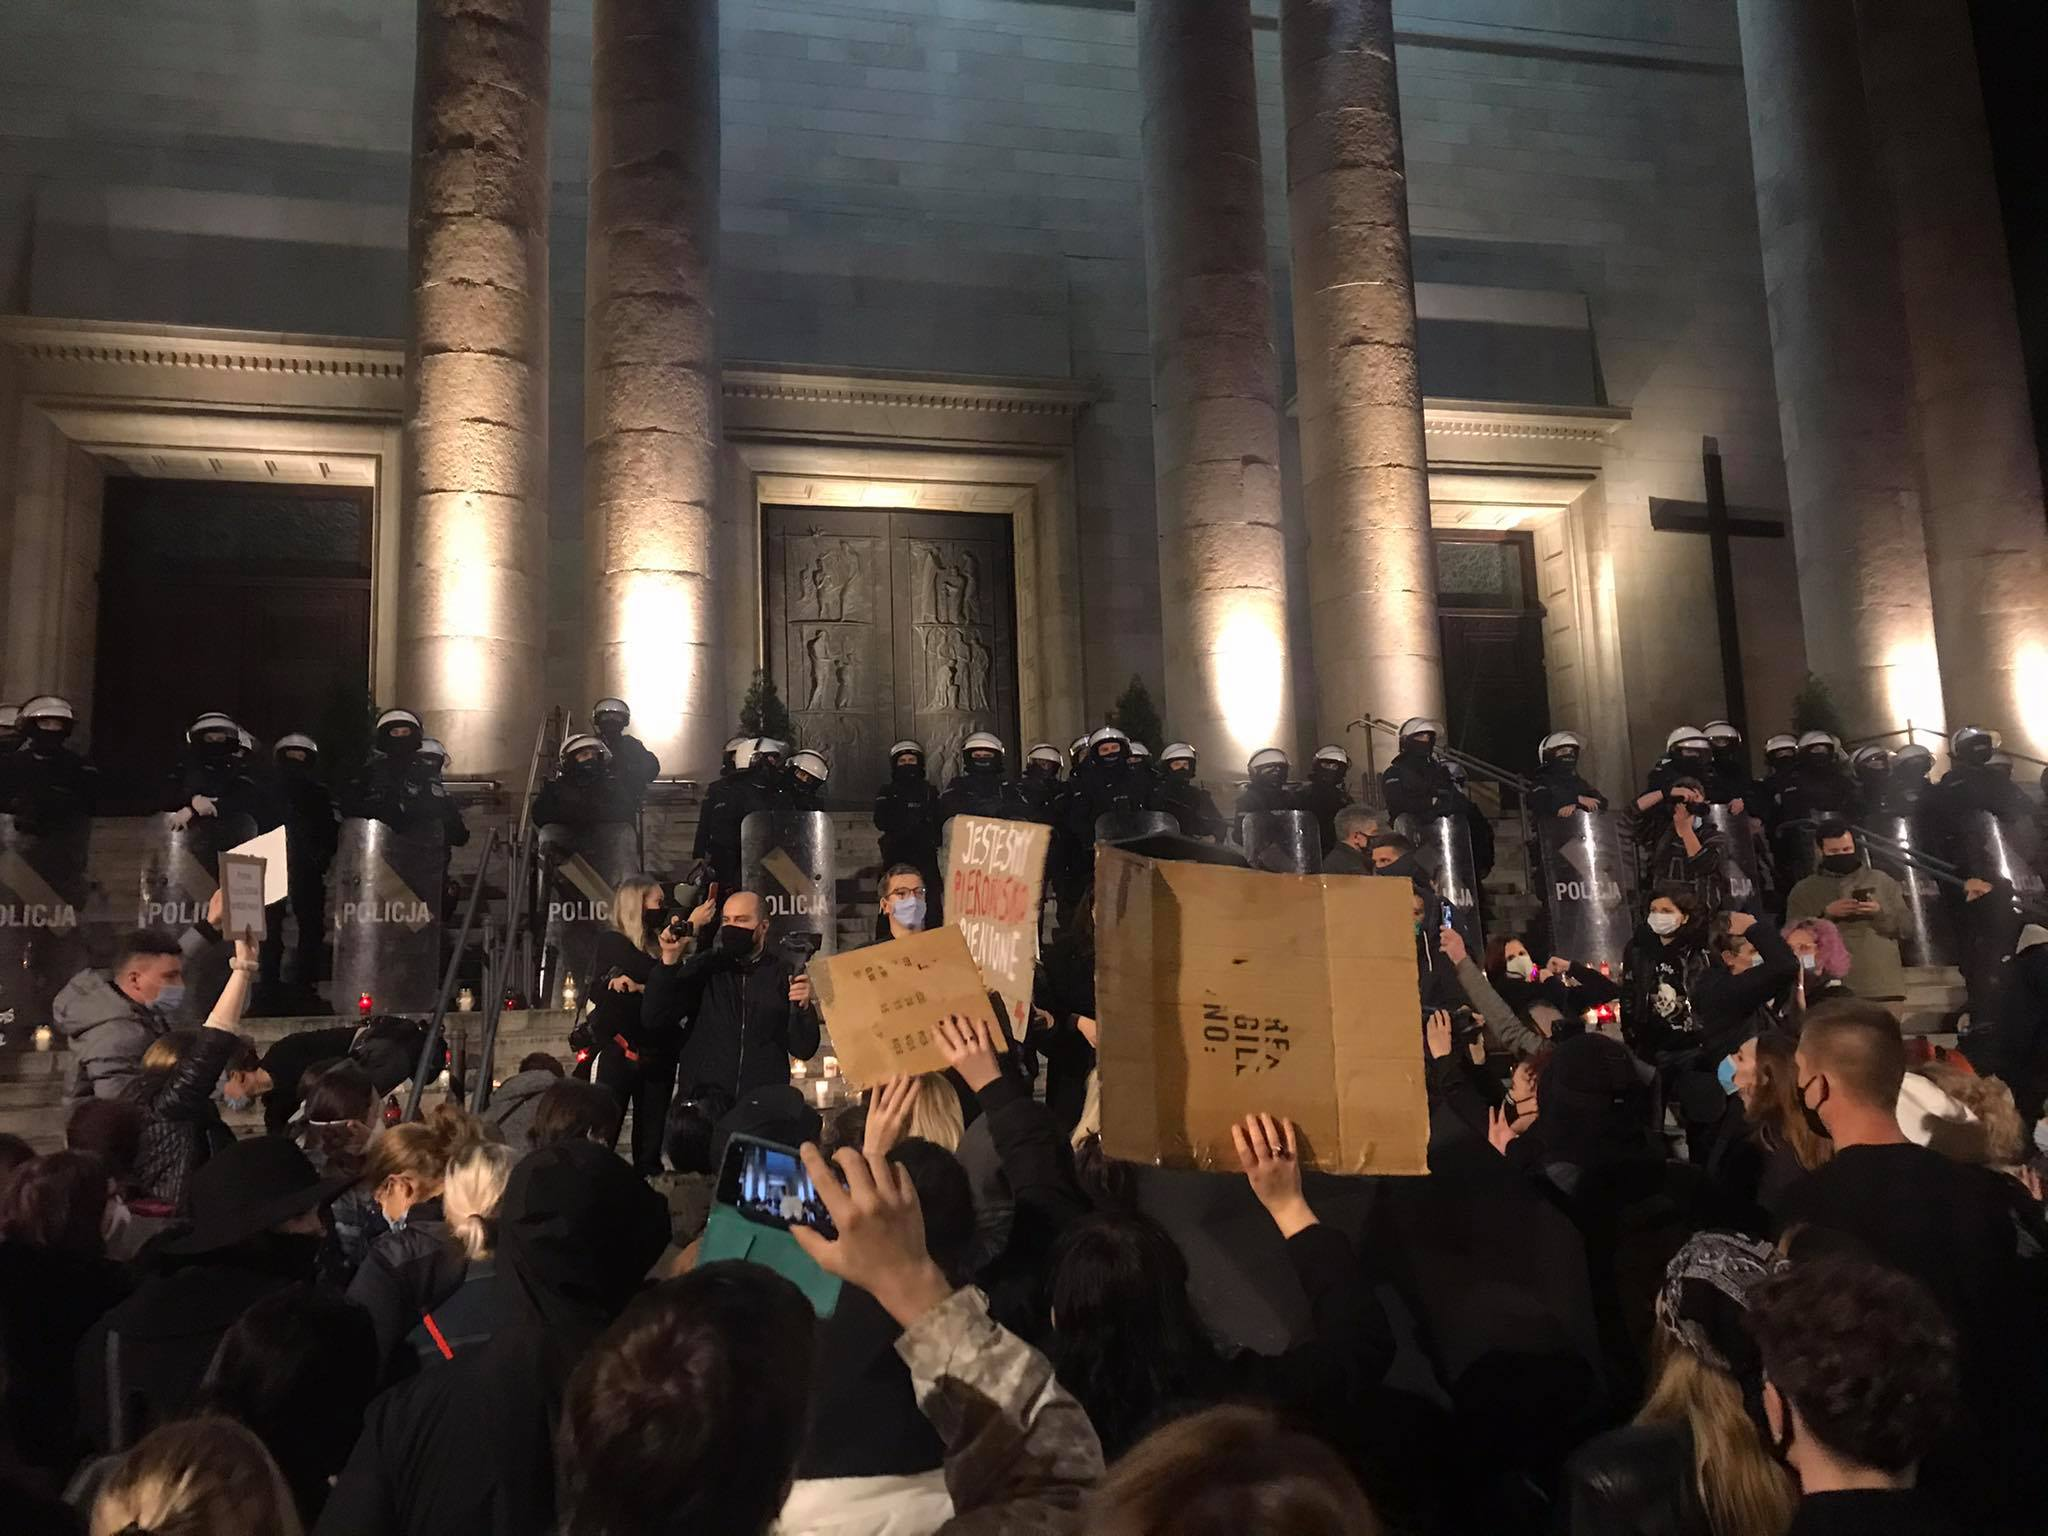 Policja blokowała wejścia do archikatedry, mimo że kobiety nie chciały do niej wejść. Protestujące po kolei zapalały znicze na schodach, zostawiały tam też transparenty. [fot. Klara Kucharczyk]